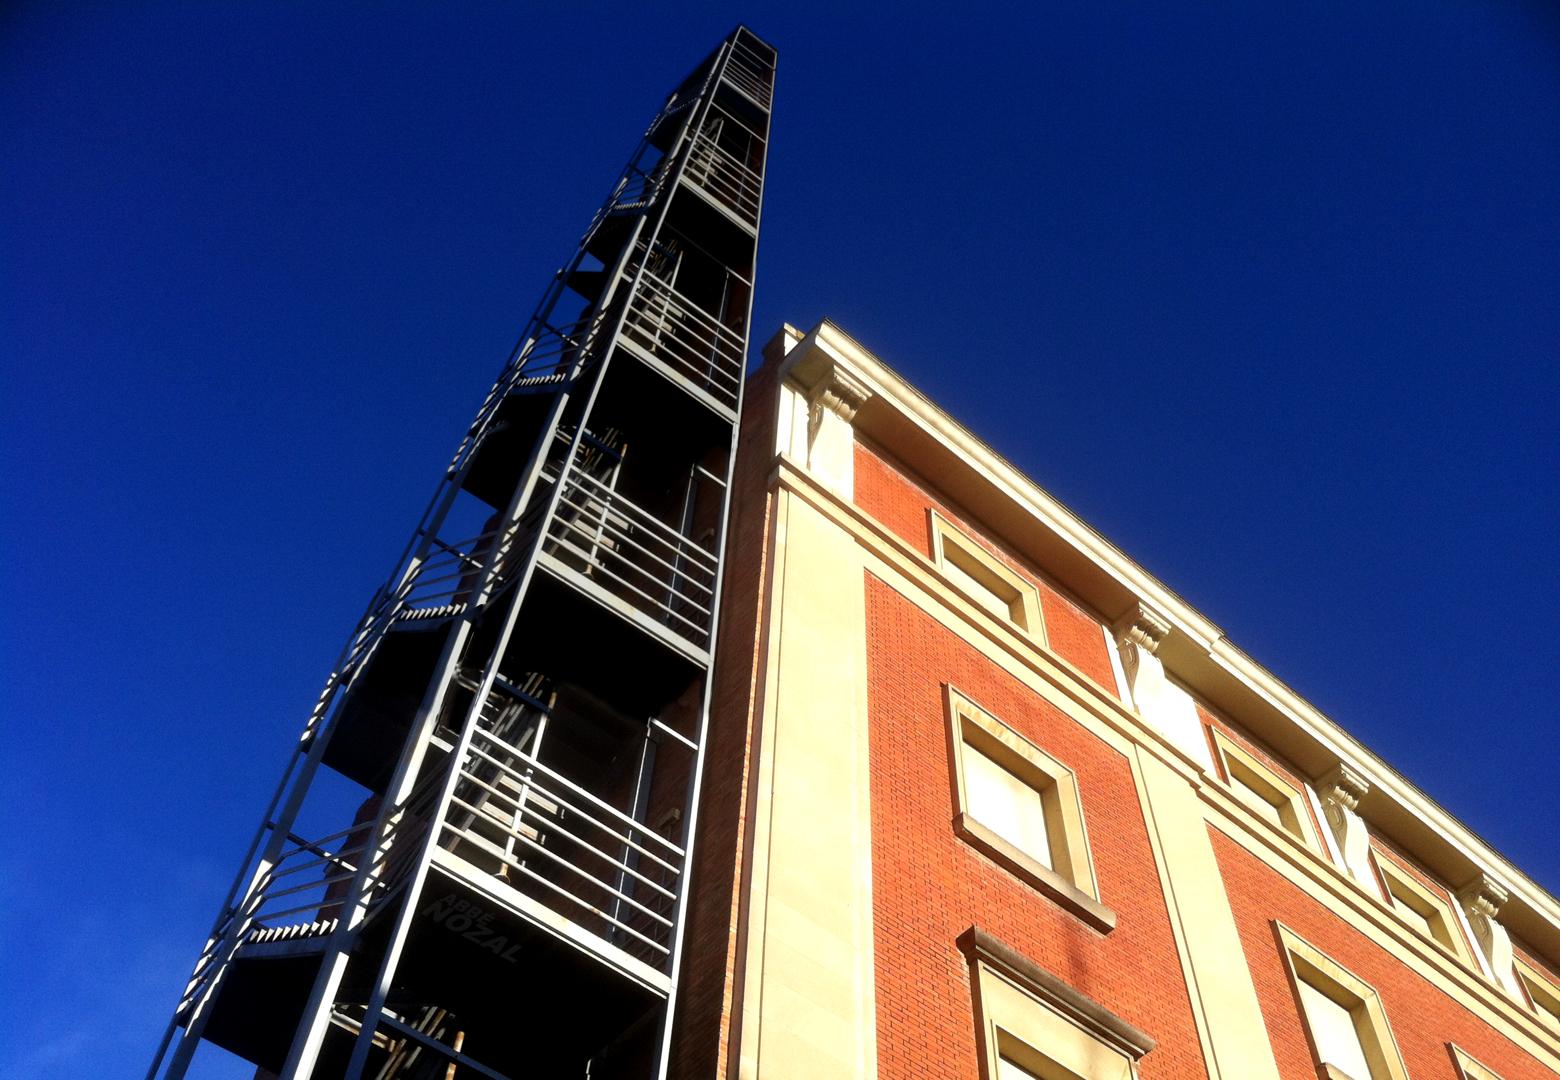 Edificio de Hacienda con torre de emergencia para grandes fortunas, 2015 Abbé Nozal